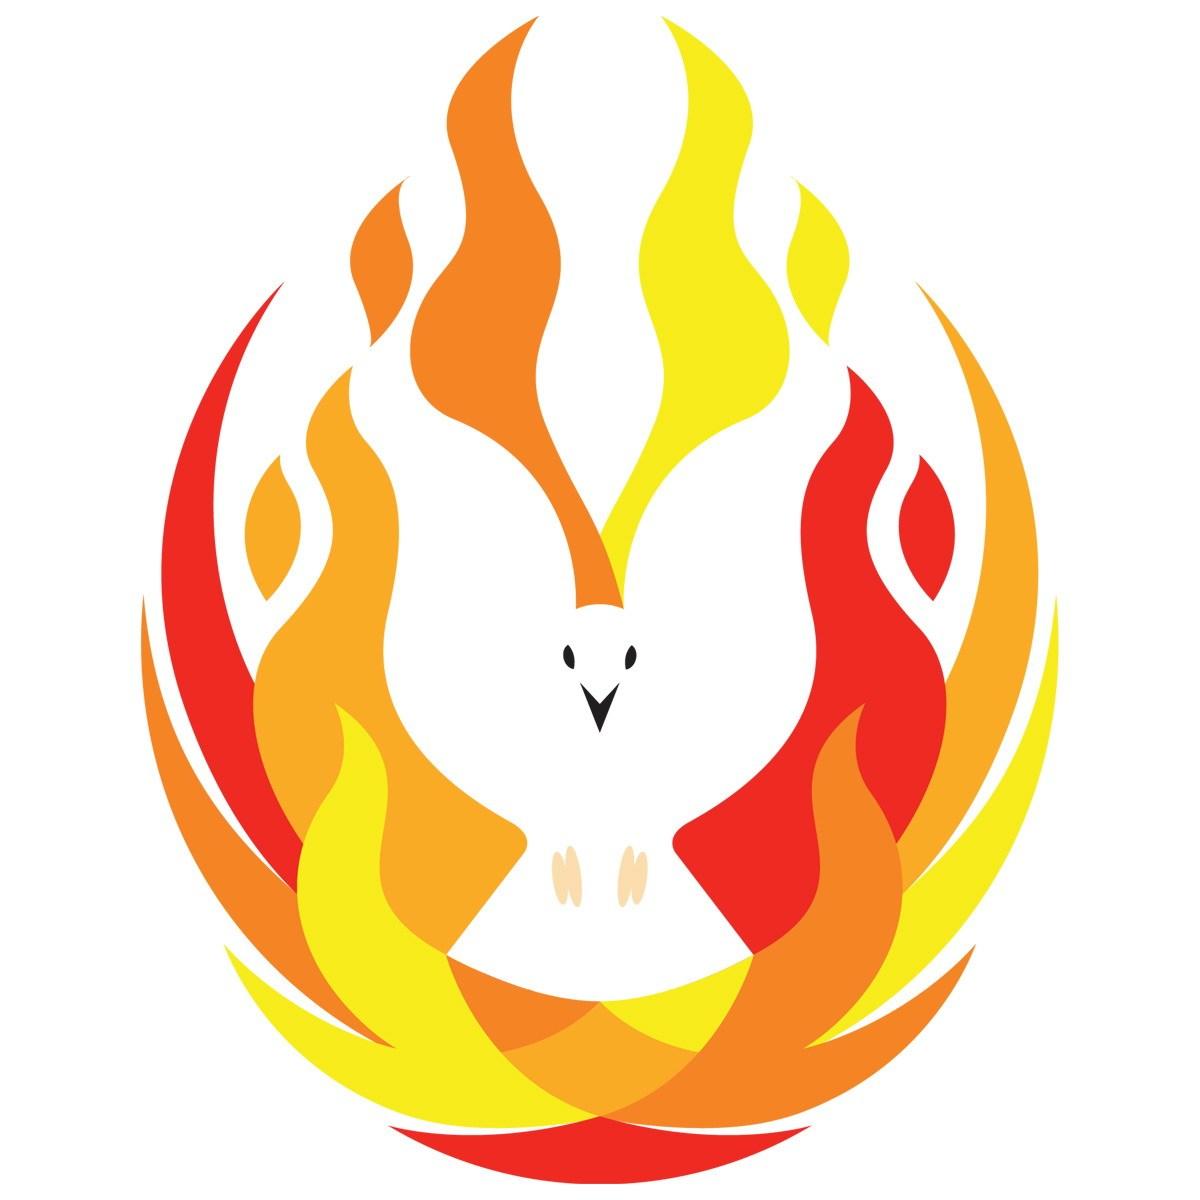 Clipart pentencost transparent download holy-spirit-dove-clipart-pentecost-fire-dove - Groton Congregational ... transparent download